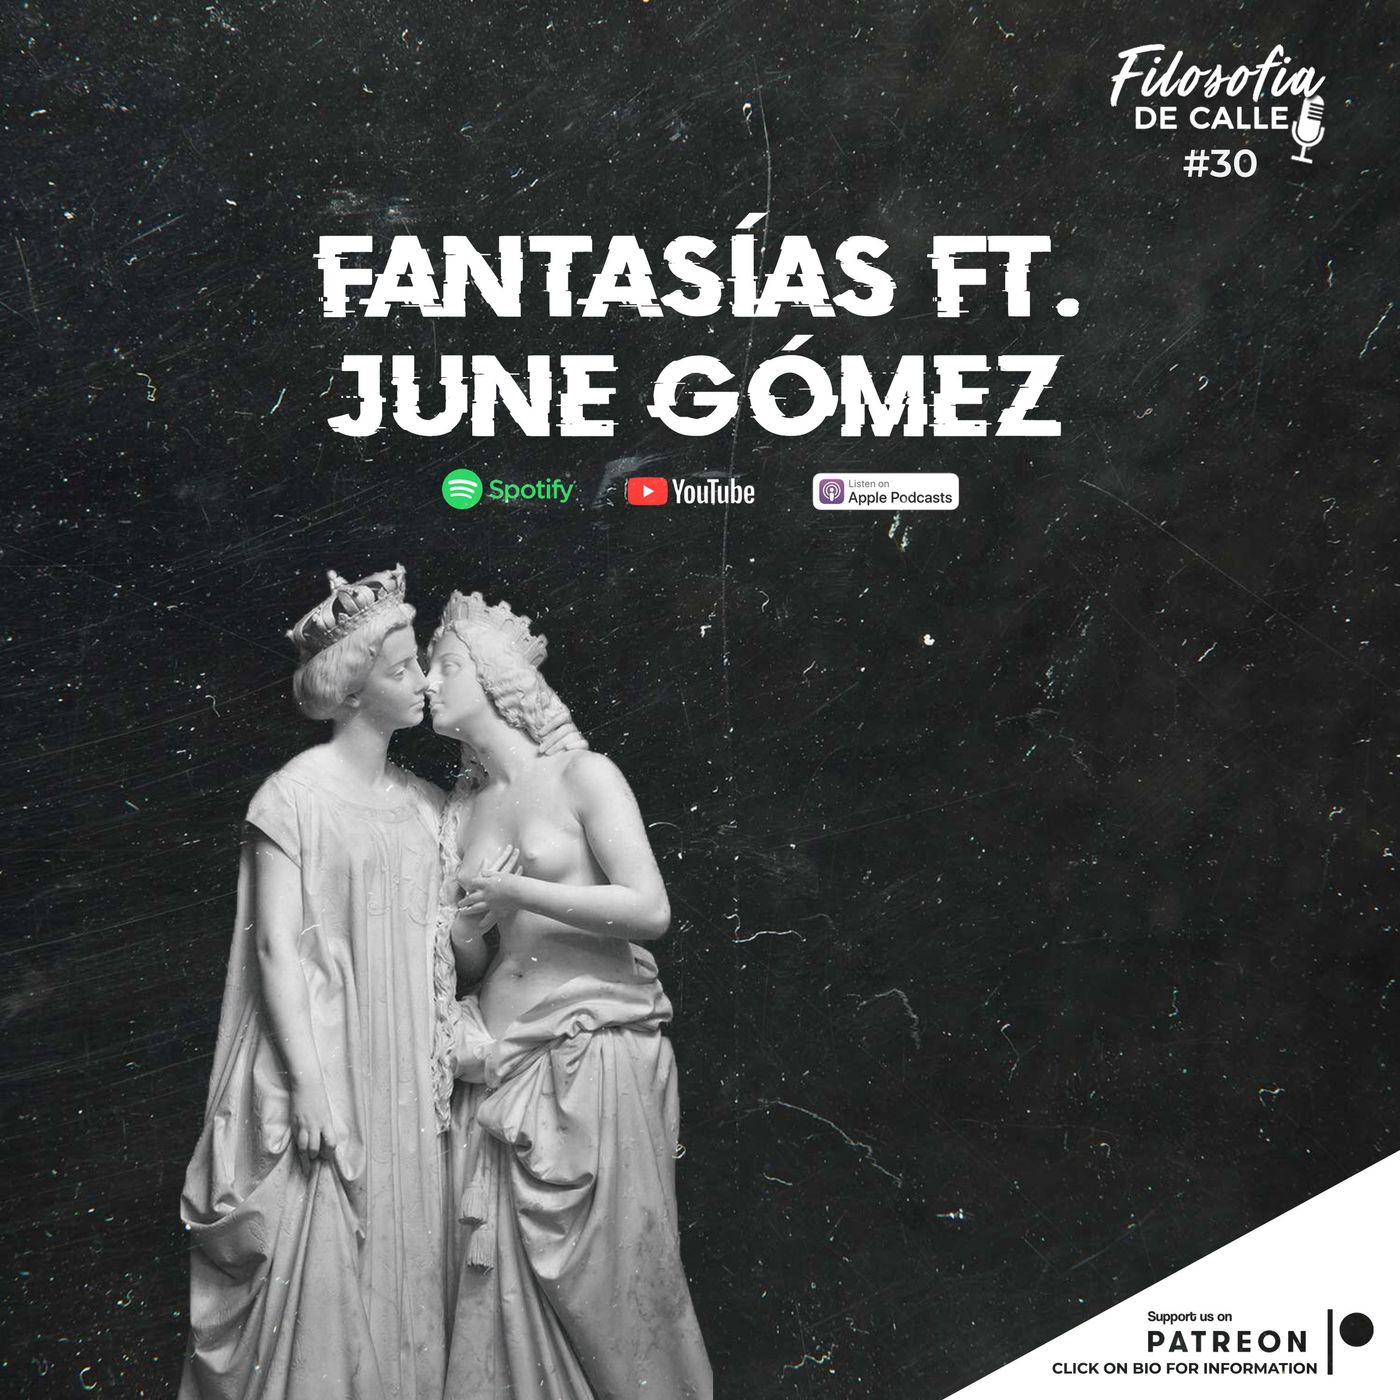 030. Fantasías ft June Gómez